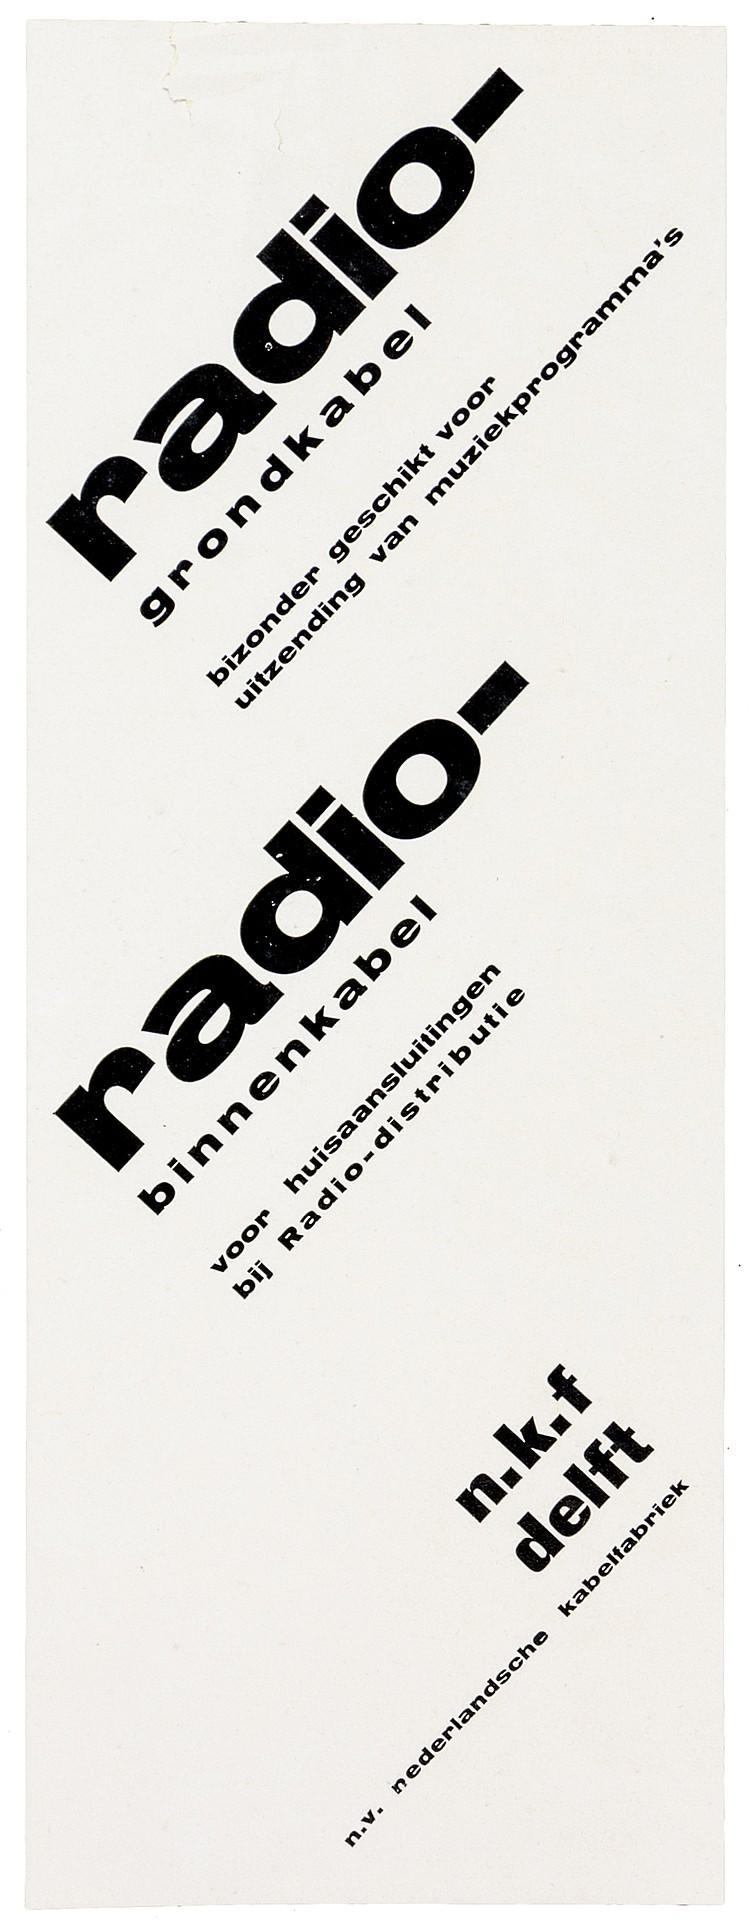 Typographie - - Zwart, Piet. Radio-grondkabel ... radio-binnenkabel. Werbes